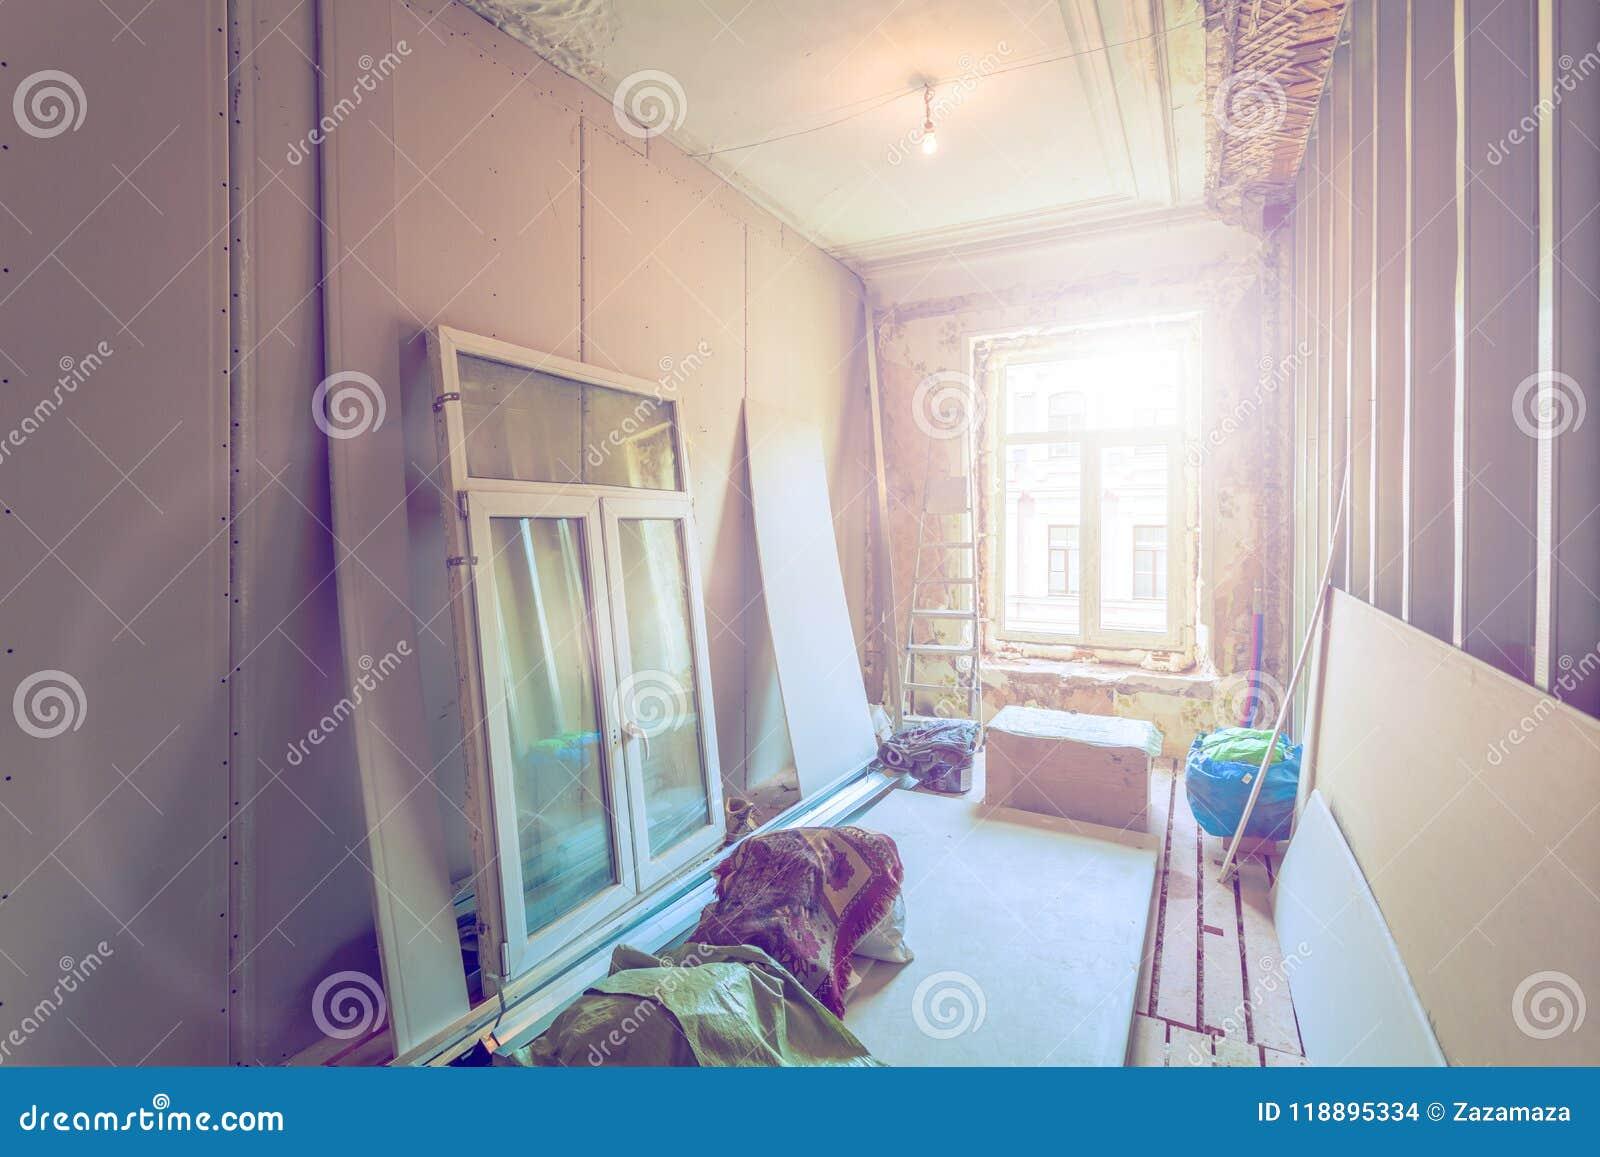 Gesso Per Pareti - The Studio Apartments